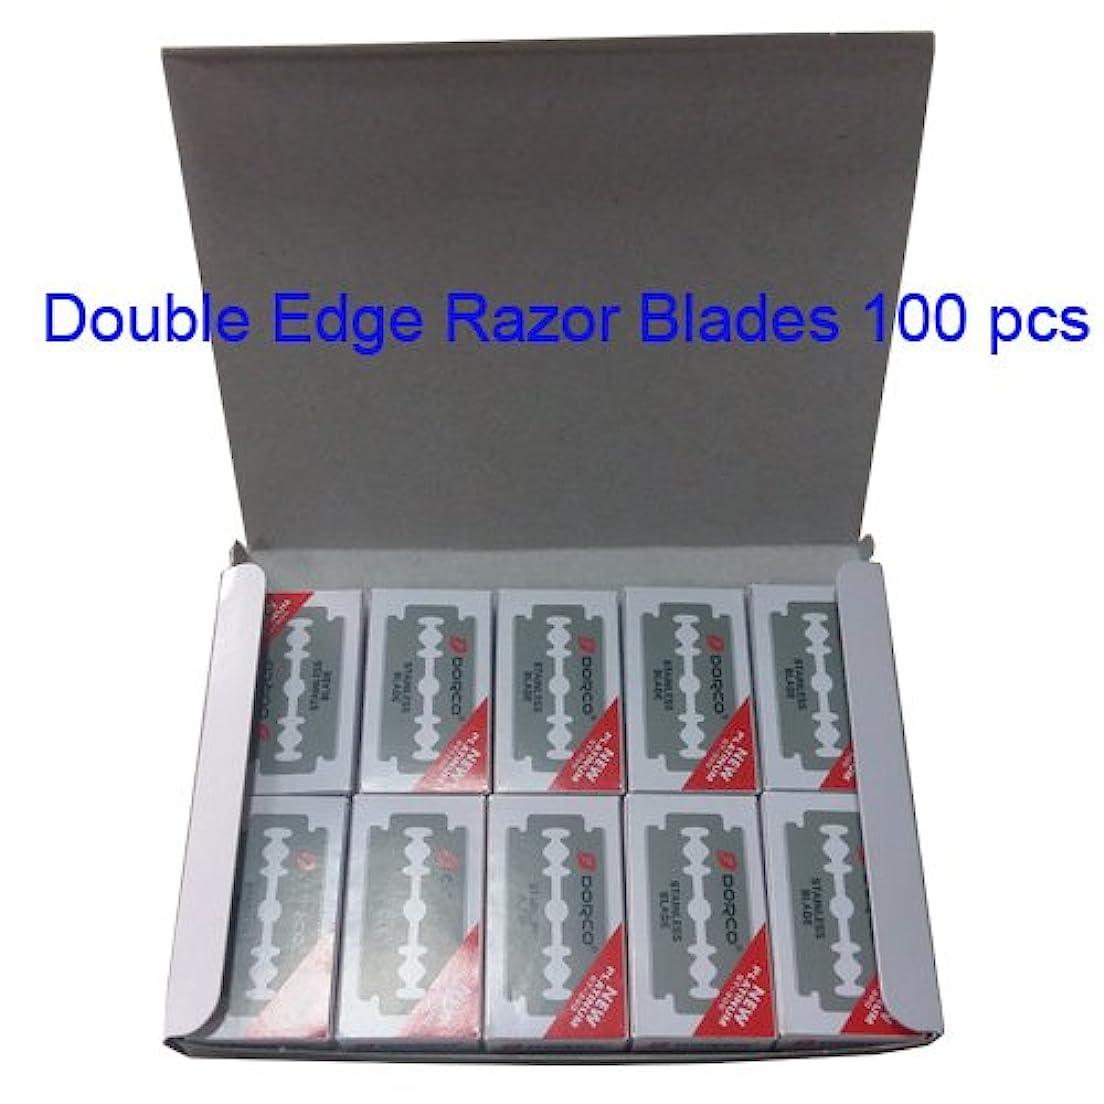 満員リングレット凍結Dorco(ドルコ) ST300 , ステンレス鋼,ダブルエッジカミソリブレード,100個 [並行輸入品]